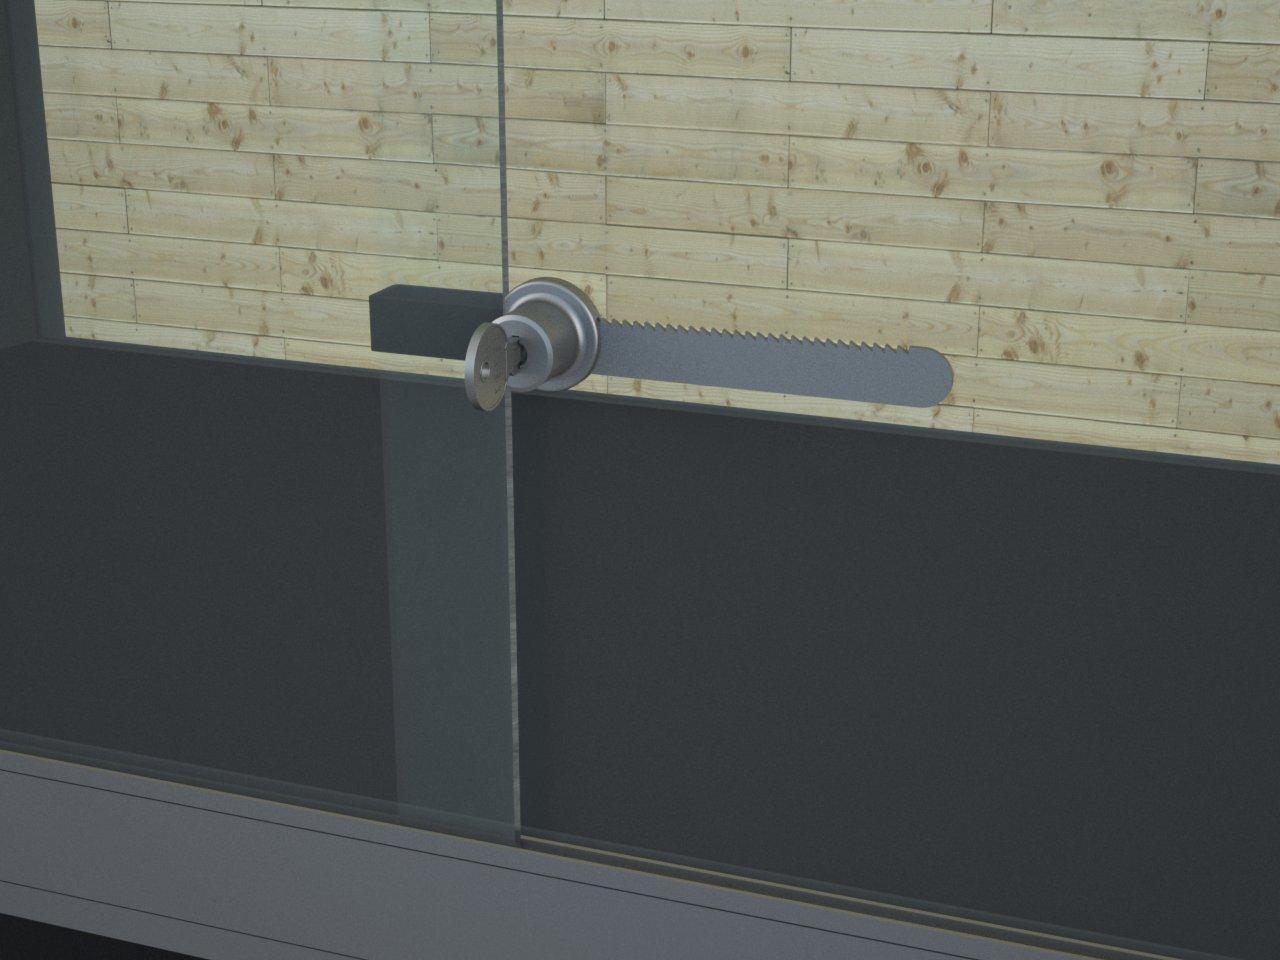 Detalhe de porta de correr com a fechadura jacaré P250